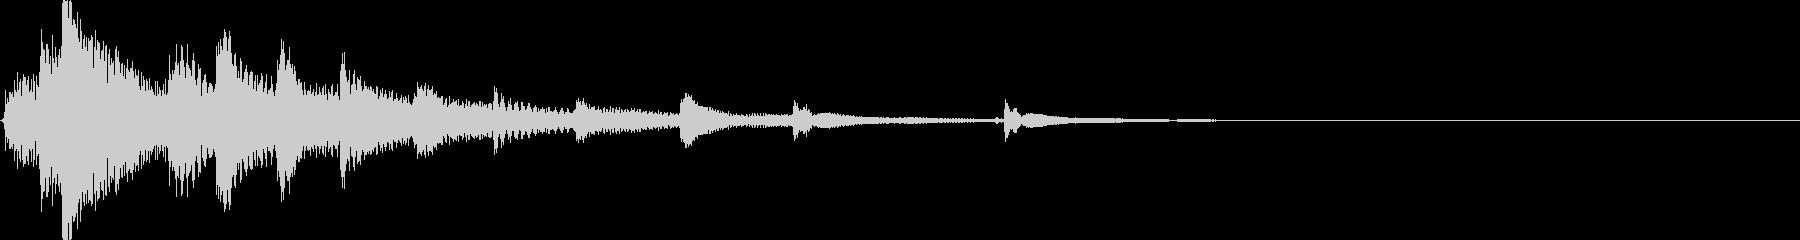 和風動画のタイトル画面に最適な琴のMEの未再生の波形